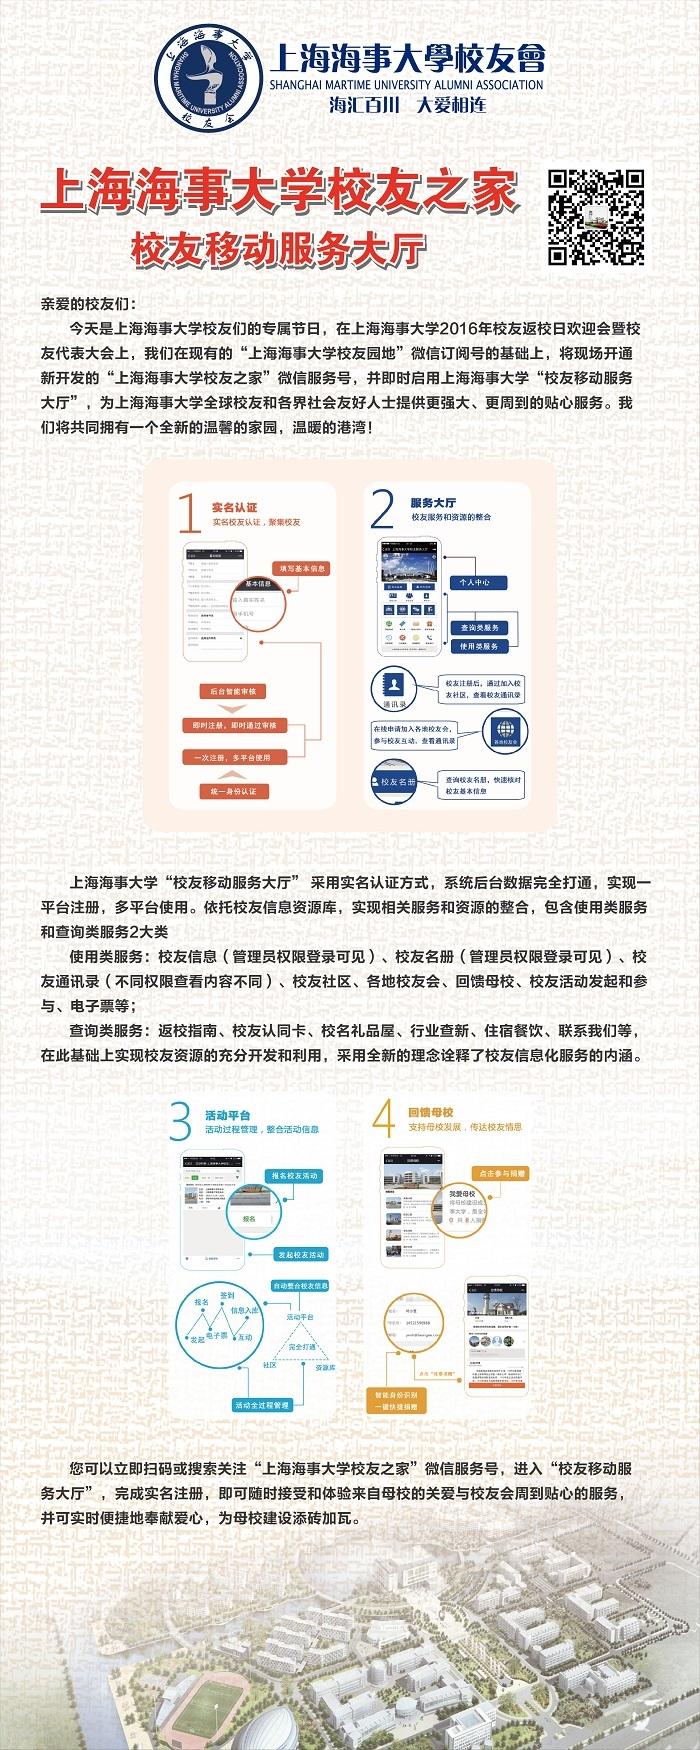 上海海事大学校友之家校友移动服务大厅